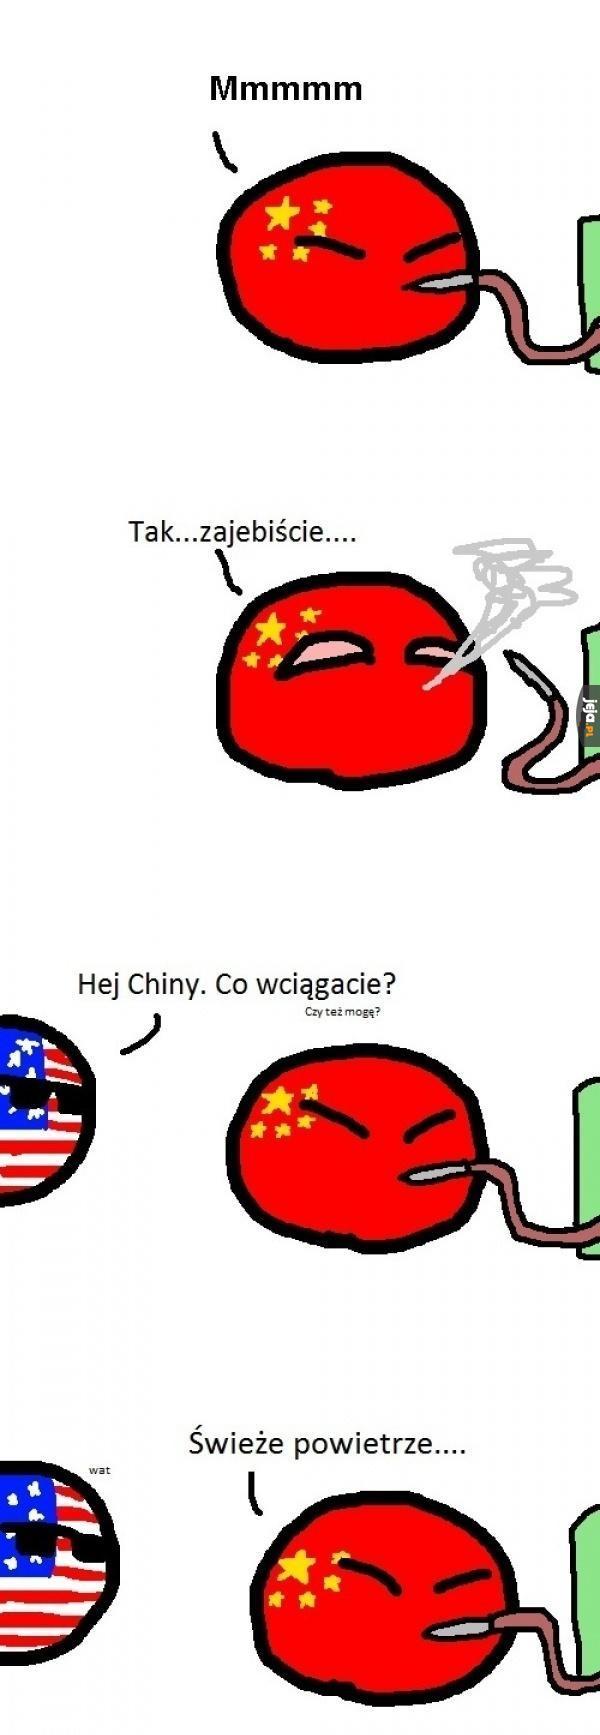 Nowy chiński narkotyk